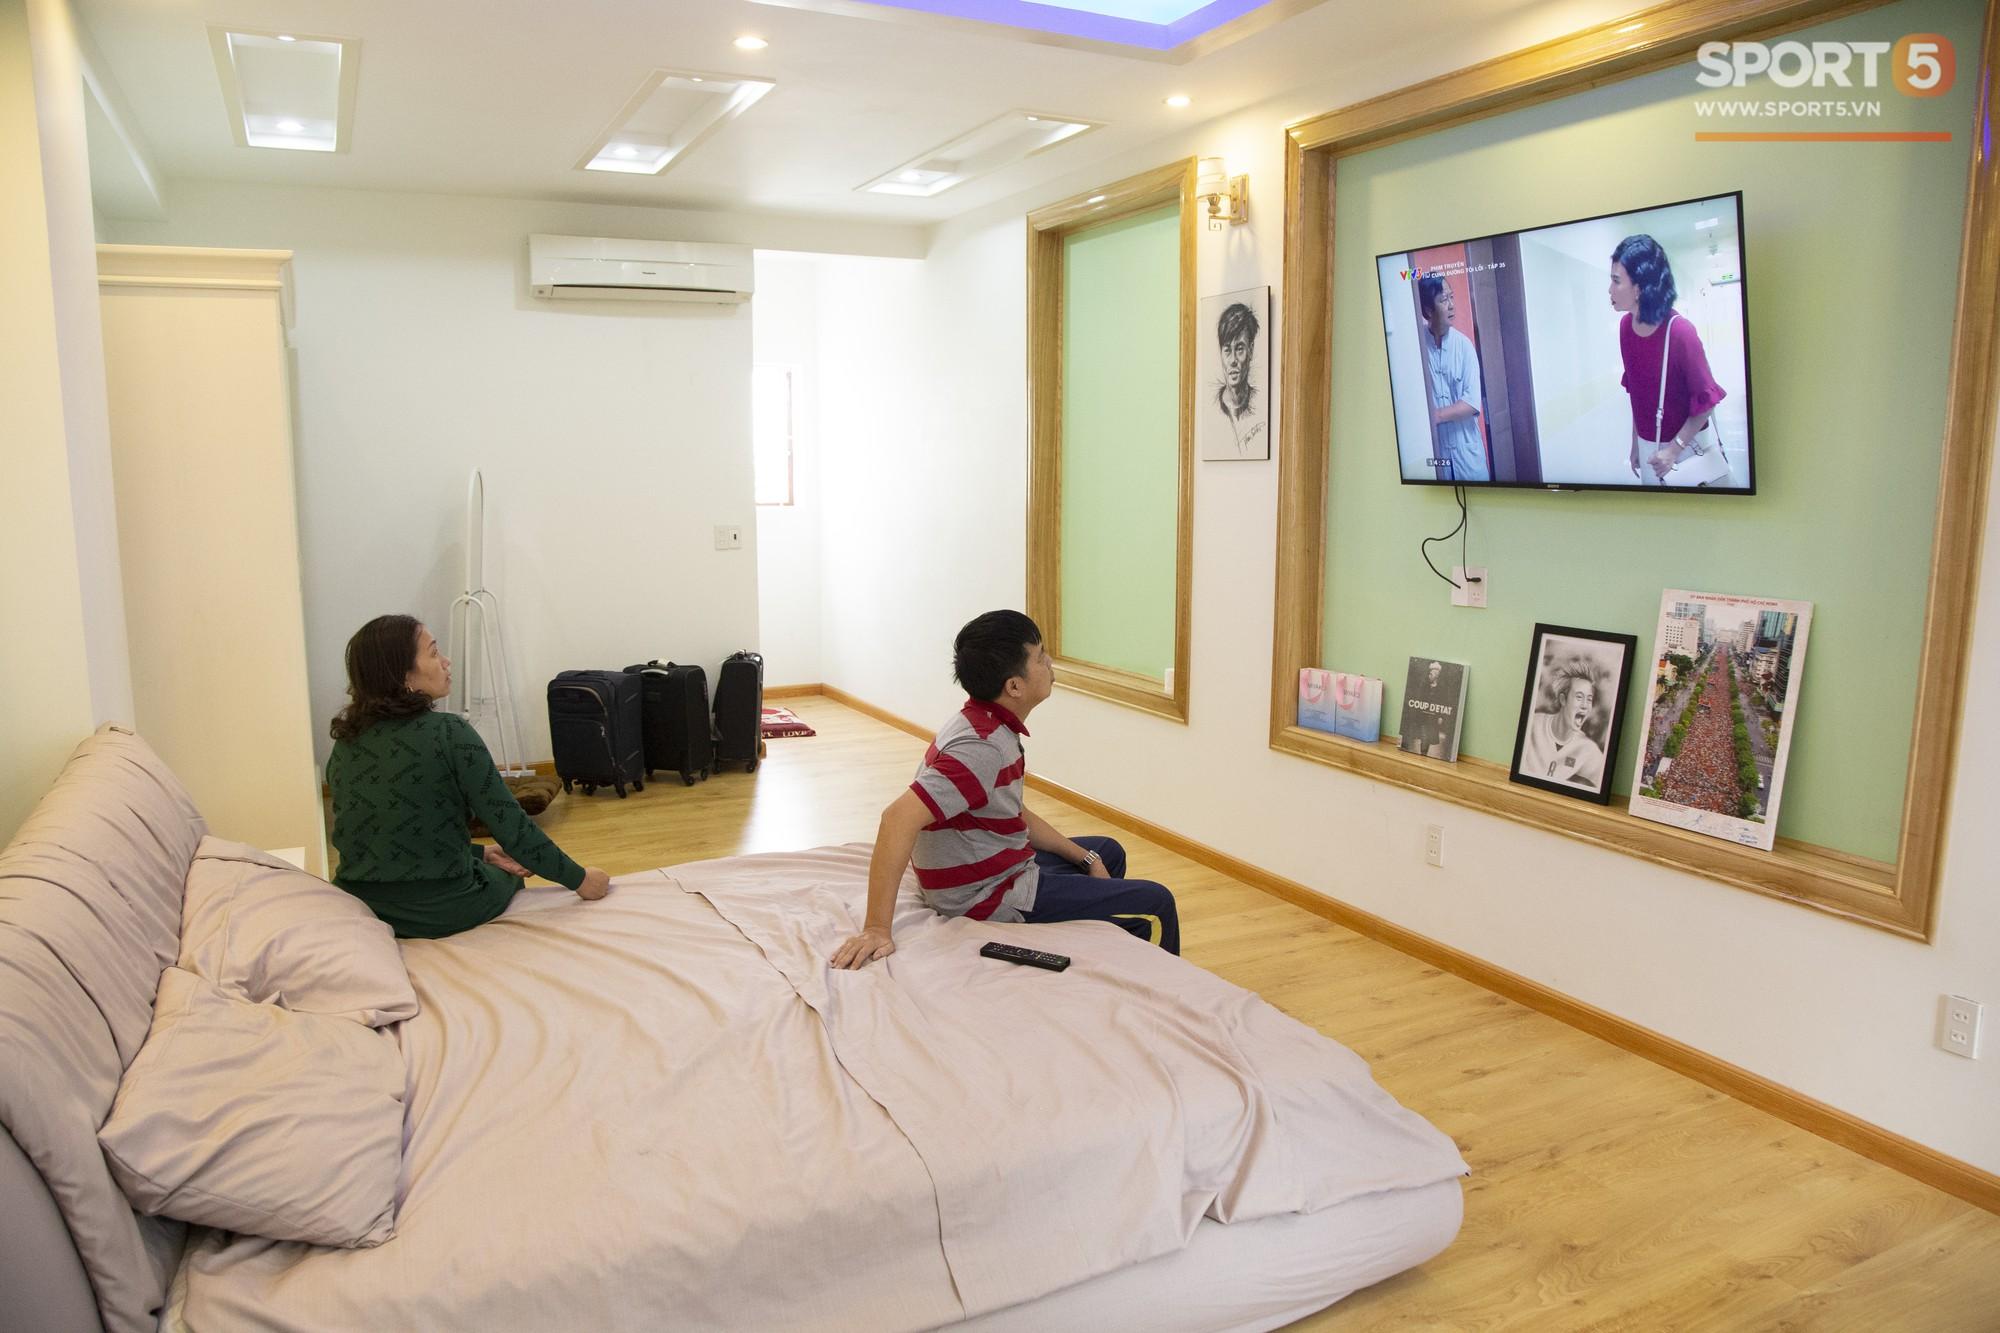 Các fan Big Bang lại được dịp yêu Văn Toàn hơn nữa khi nhìn thấy thứ này trong phòng ngủ của anh - Ảnh 8.